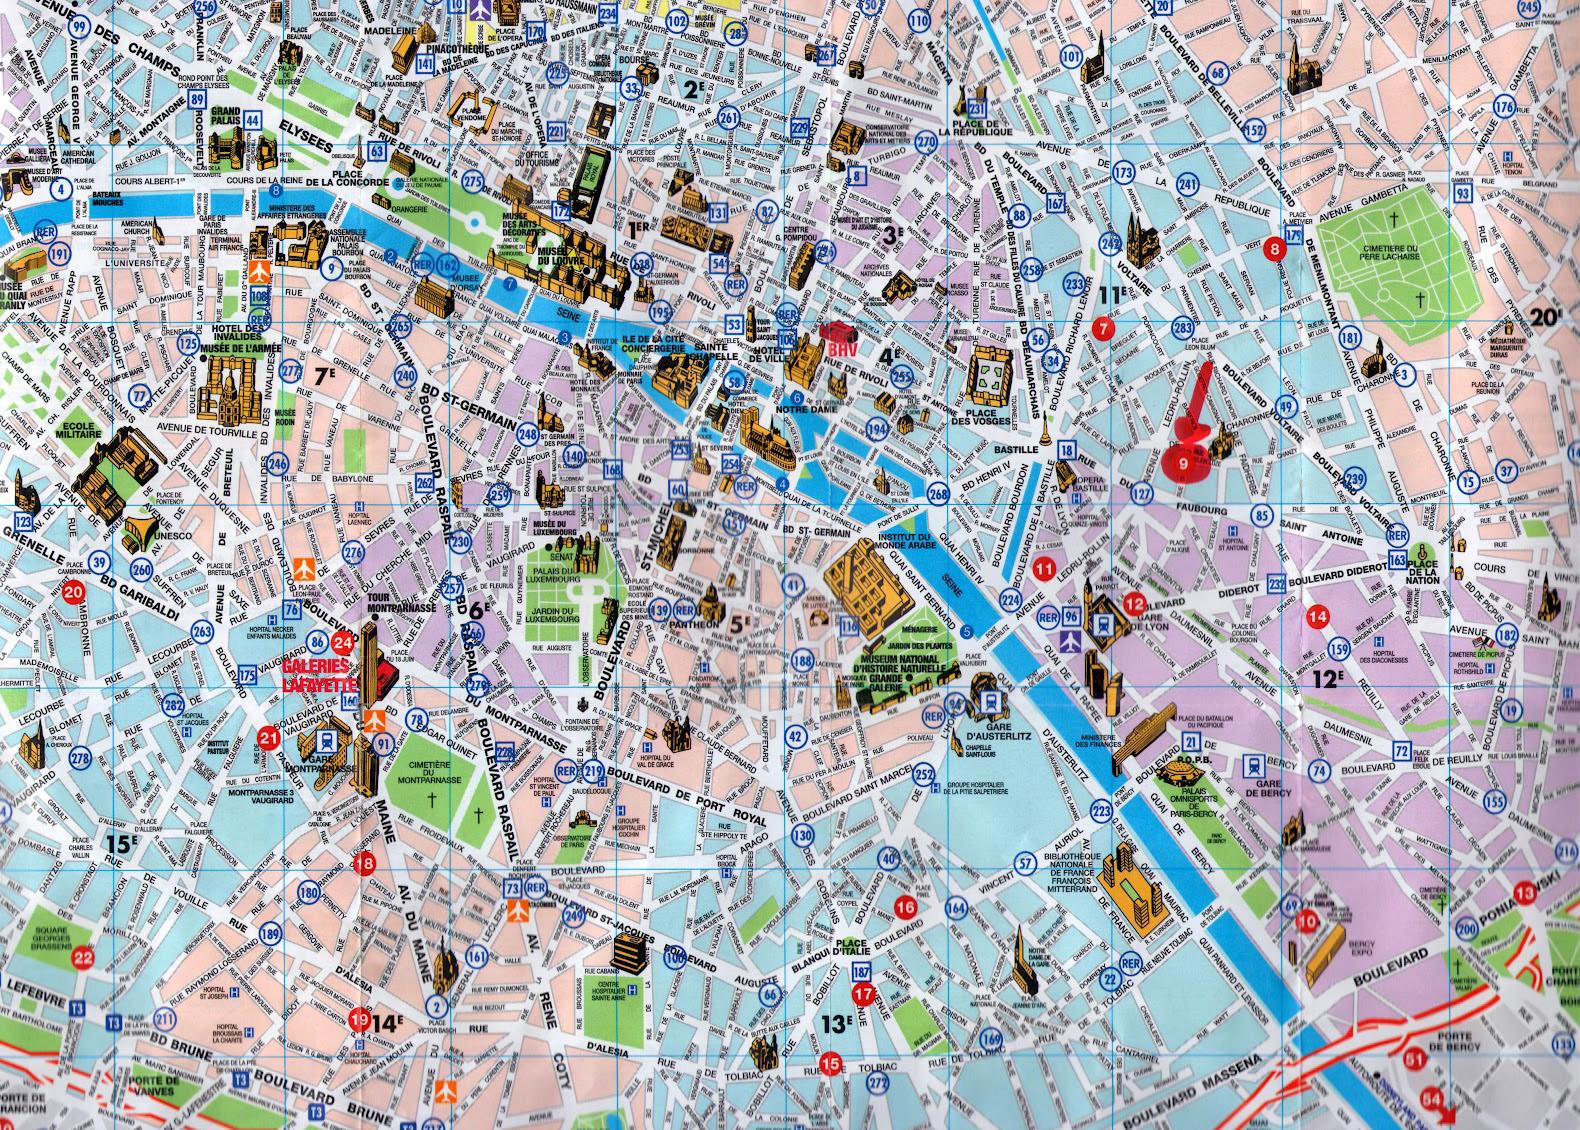 Detailed tourist map of central part of Paris city | Vidiani.